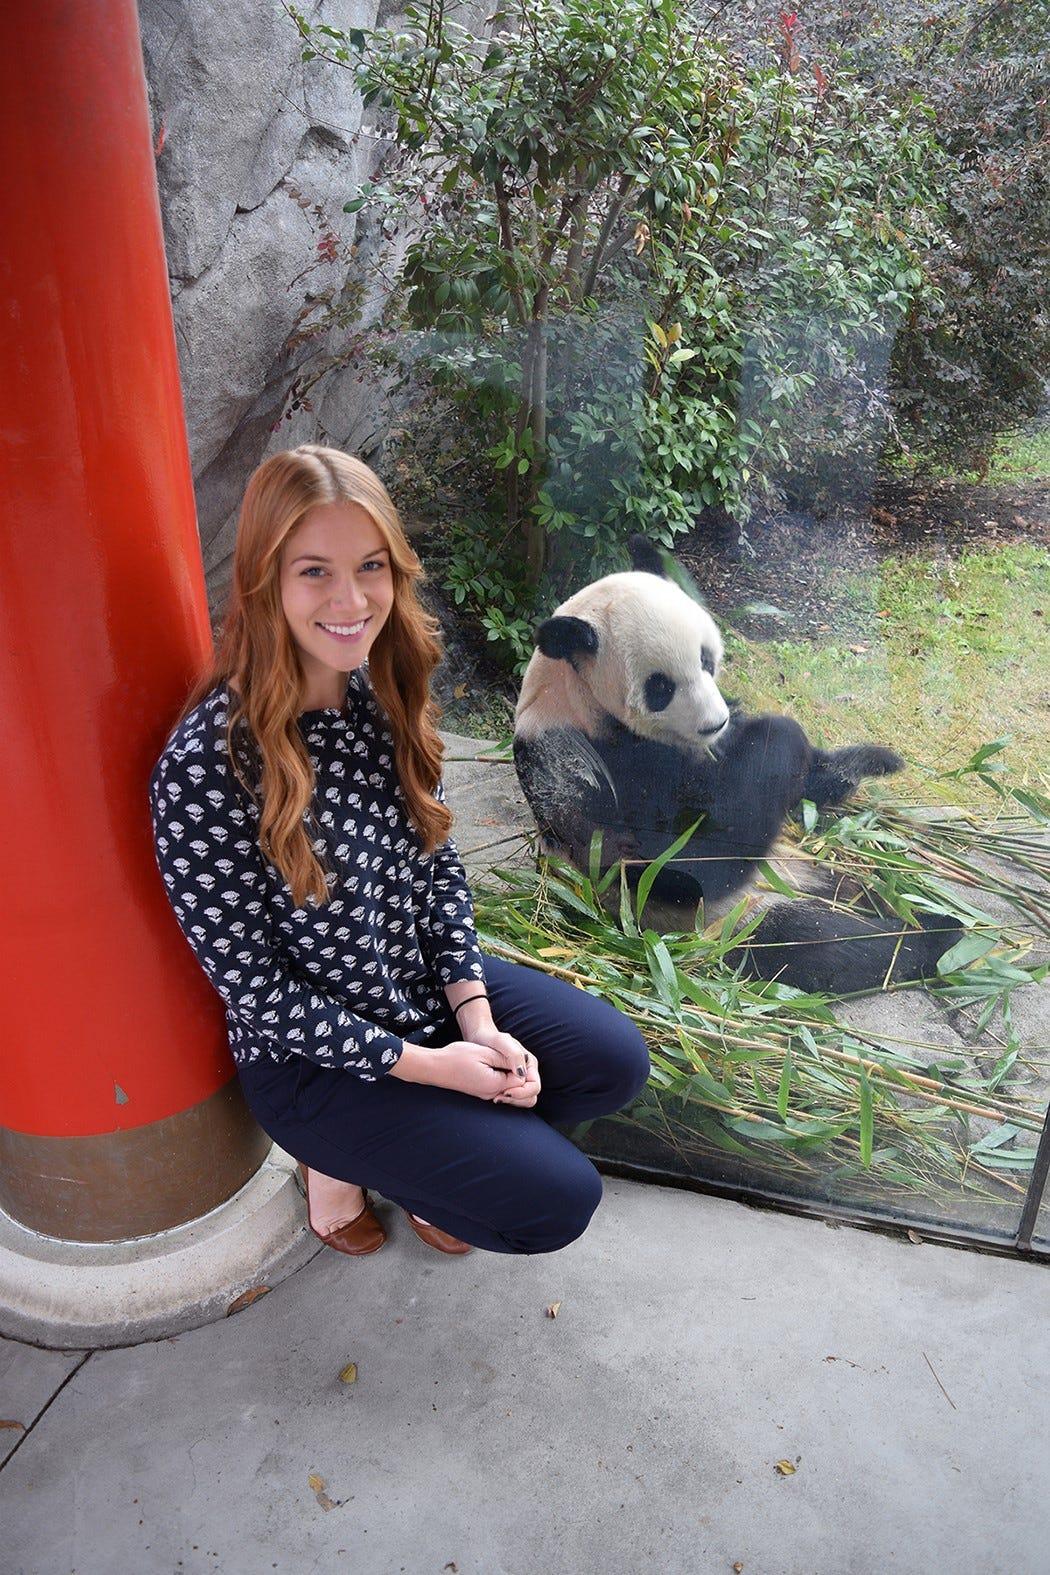 Panda pee, starving children, marine education: Campus briefs   Clarion Ledger